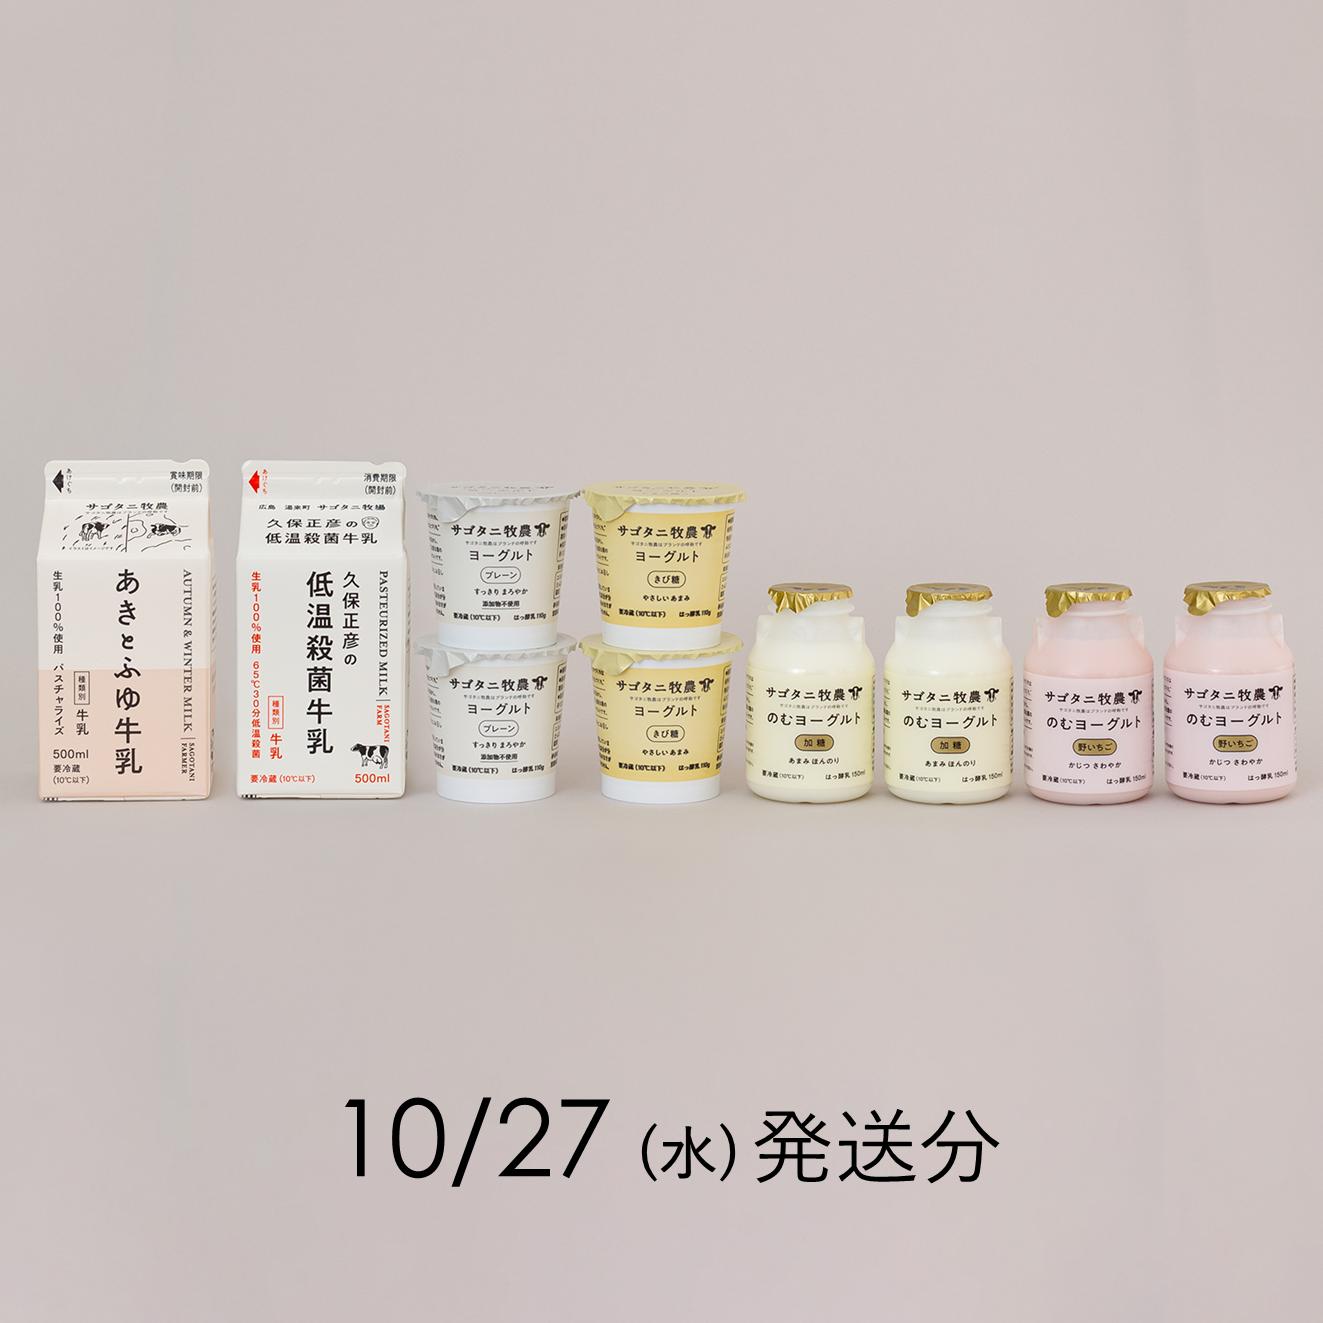 サゴタニ牧農お試しセット 10月27日(水)発送分